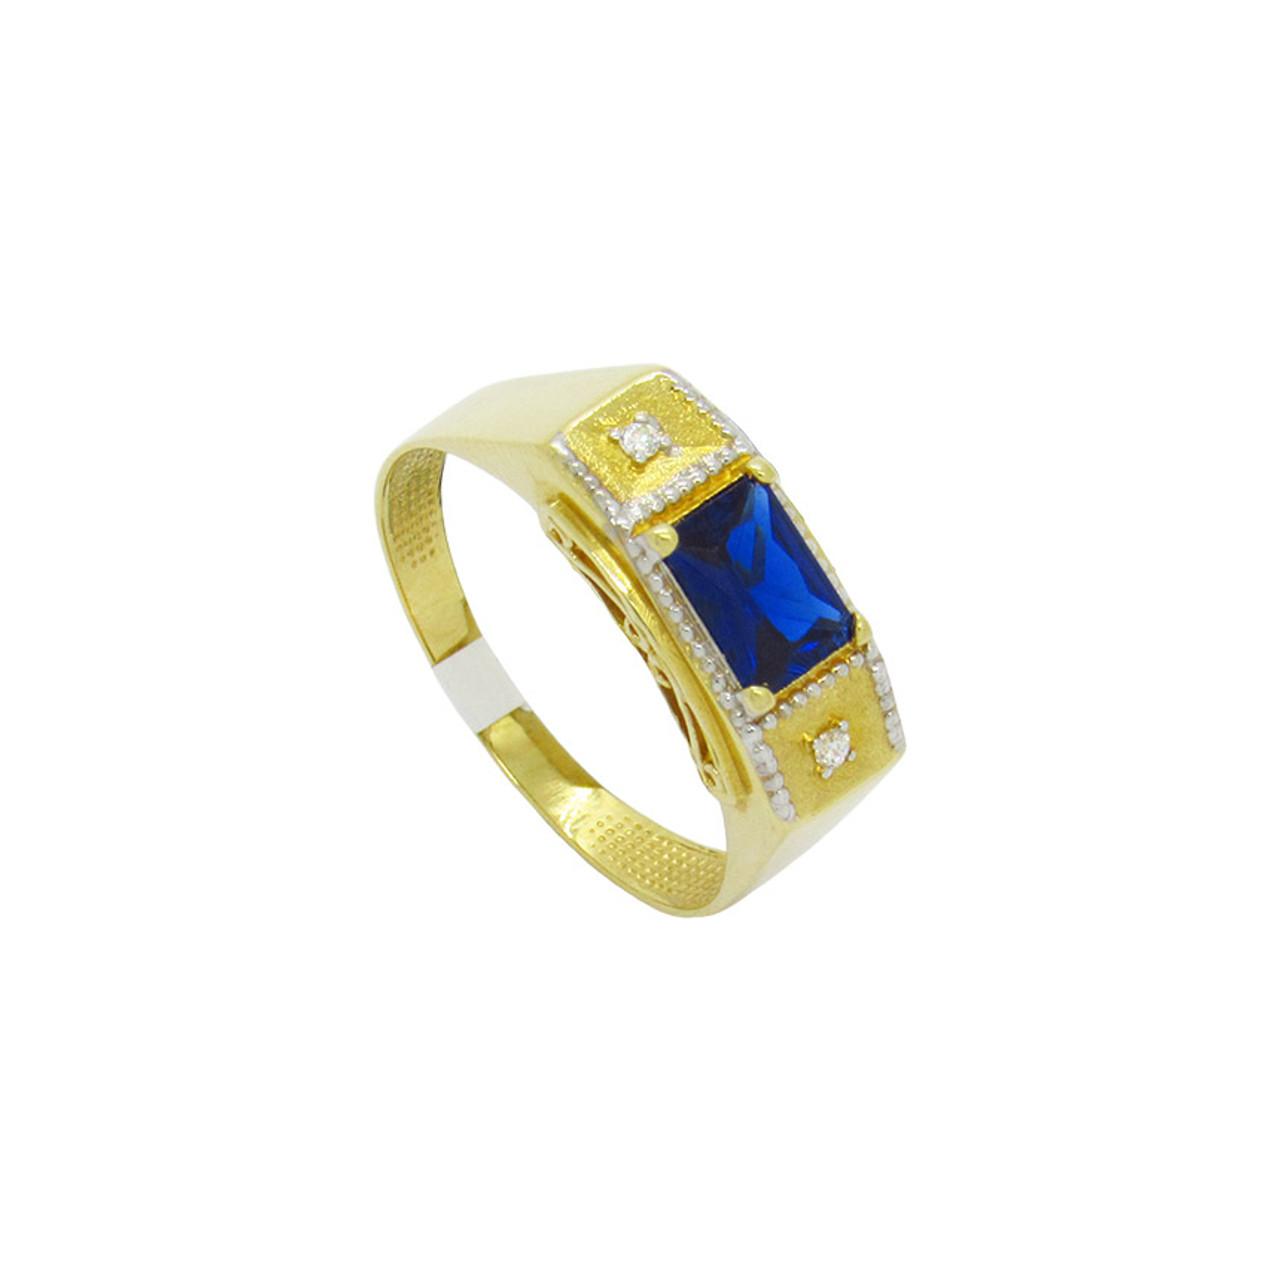 60ff222ad3b Anel de formatura de ouro 18k com brilhante e safira azul 7